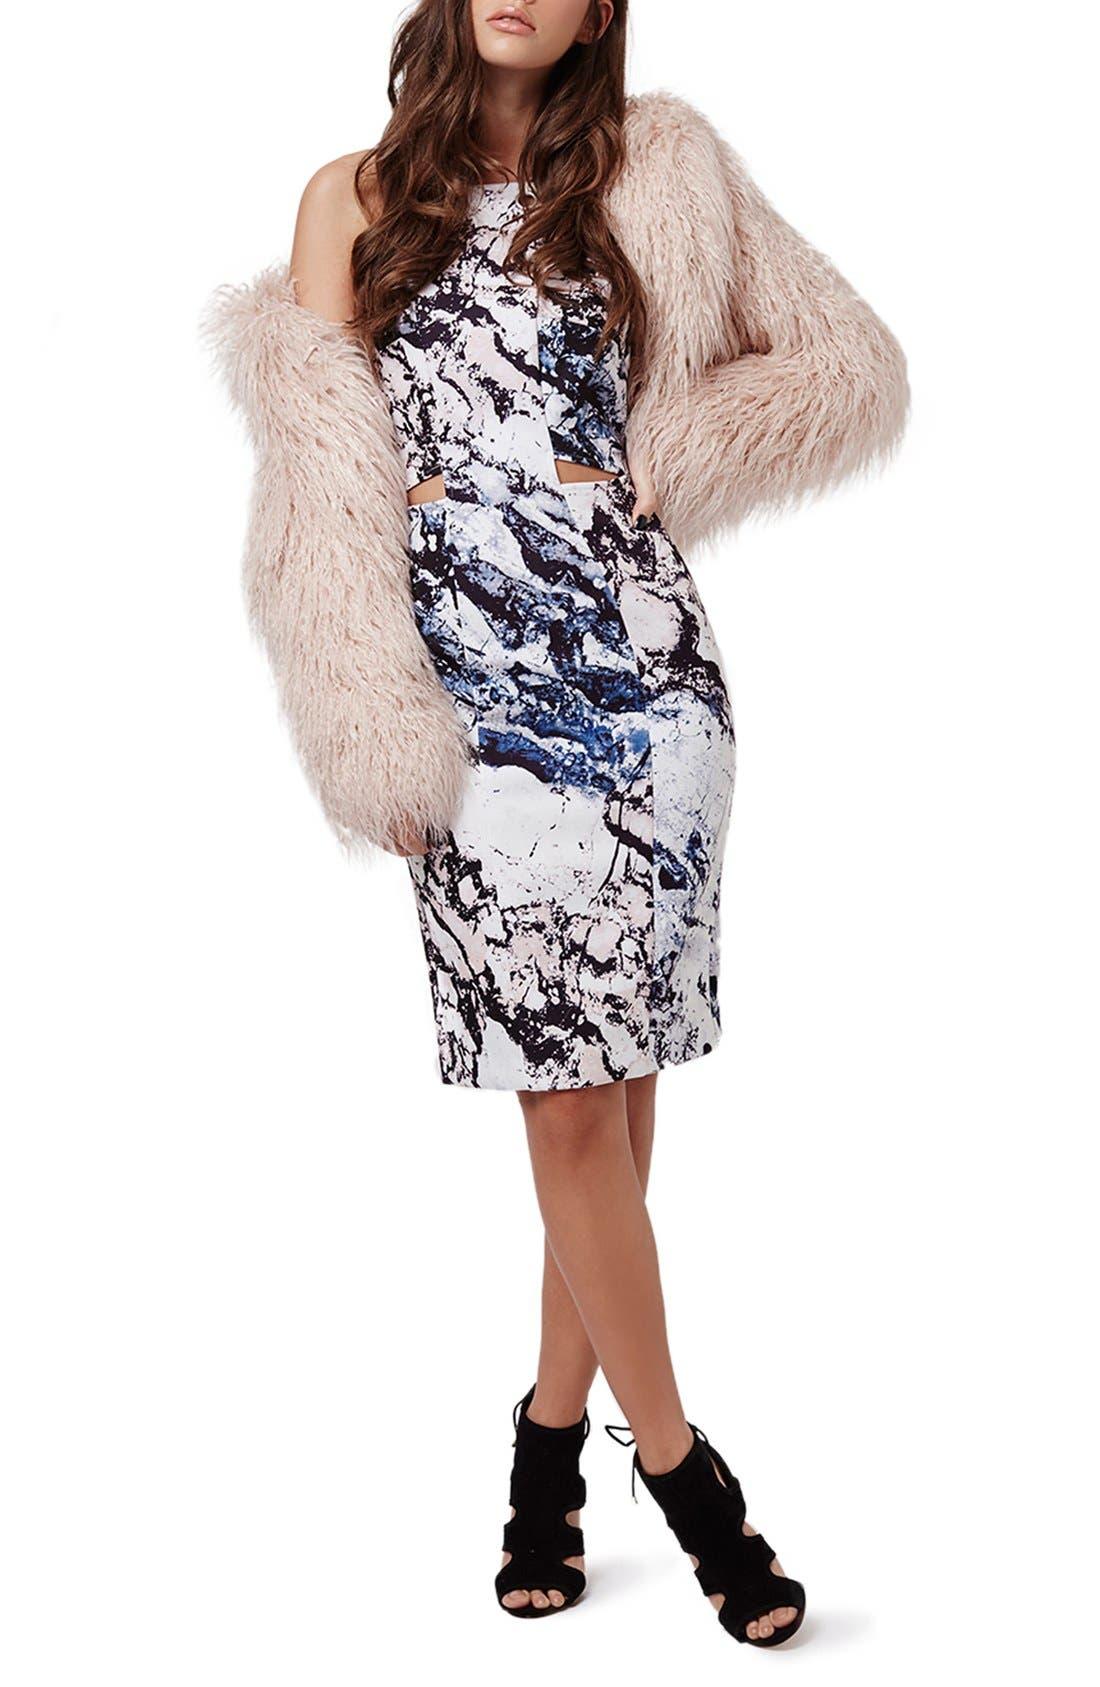 Main Image - KENDALL + KYLIE at Topshop Print Cutout Sleeveless Dress